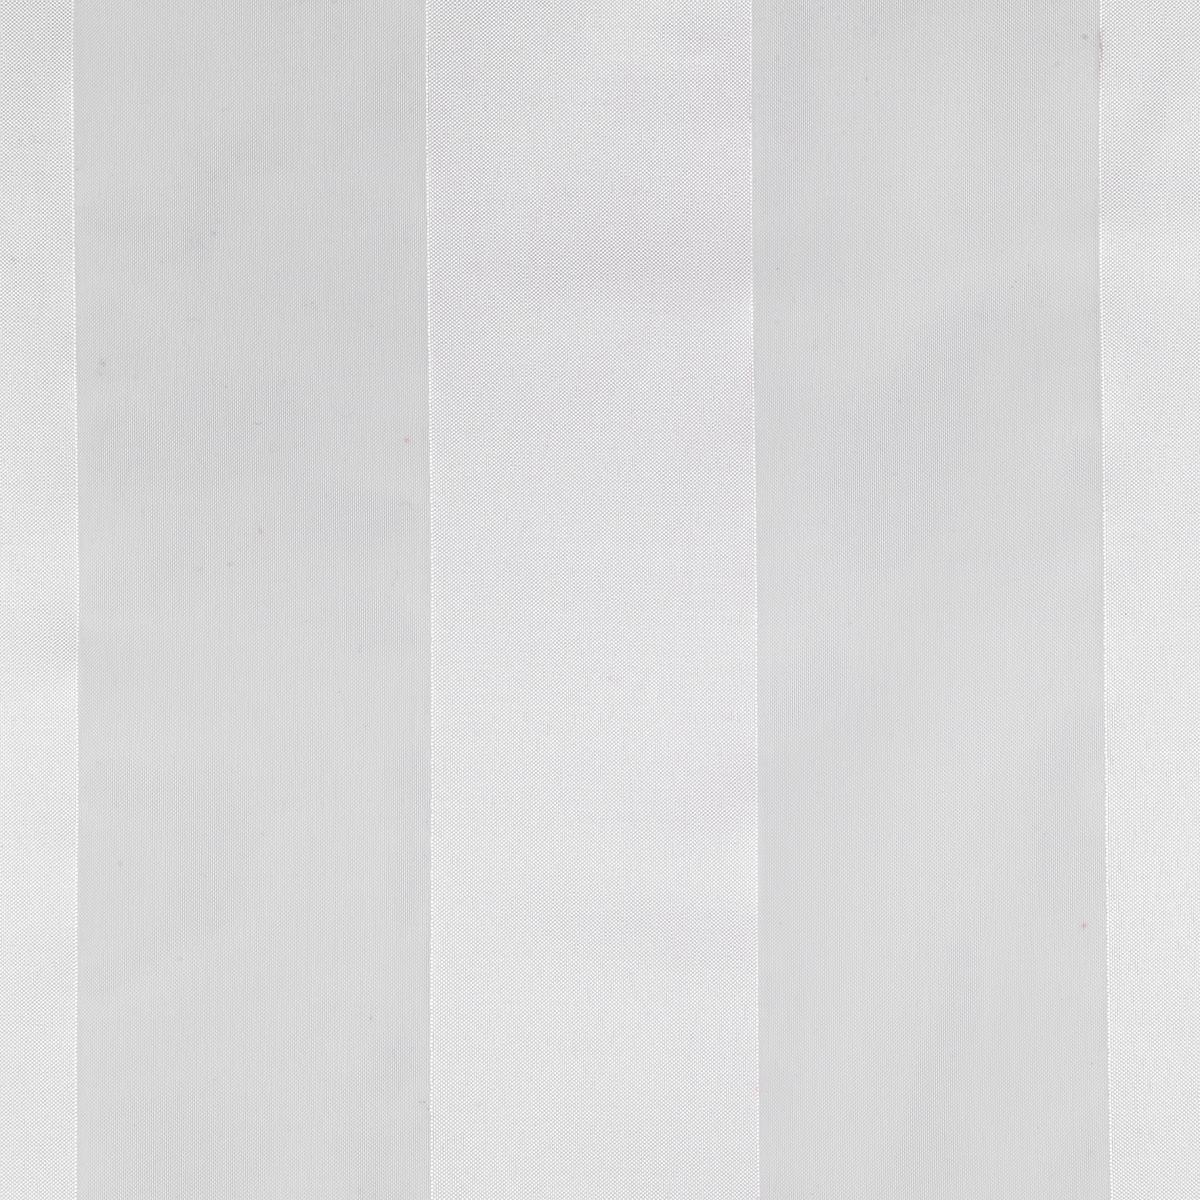 Full Size of Hochglanz Laminat Poco Store Anne Küche Hängeschrank Weiß Wohnzimmer Bad Kommode Big Sofa Fürs Regal Für Badezimmer Weiss Wohnzimmer Hochglanz Laminat Poco